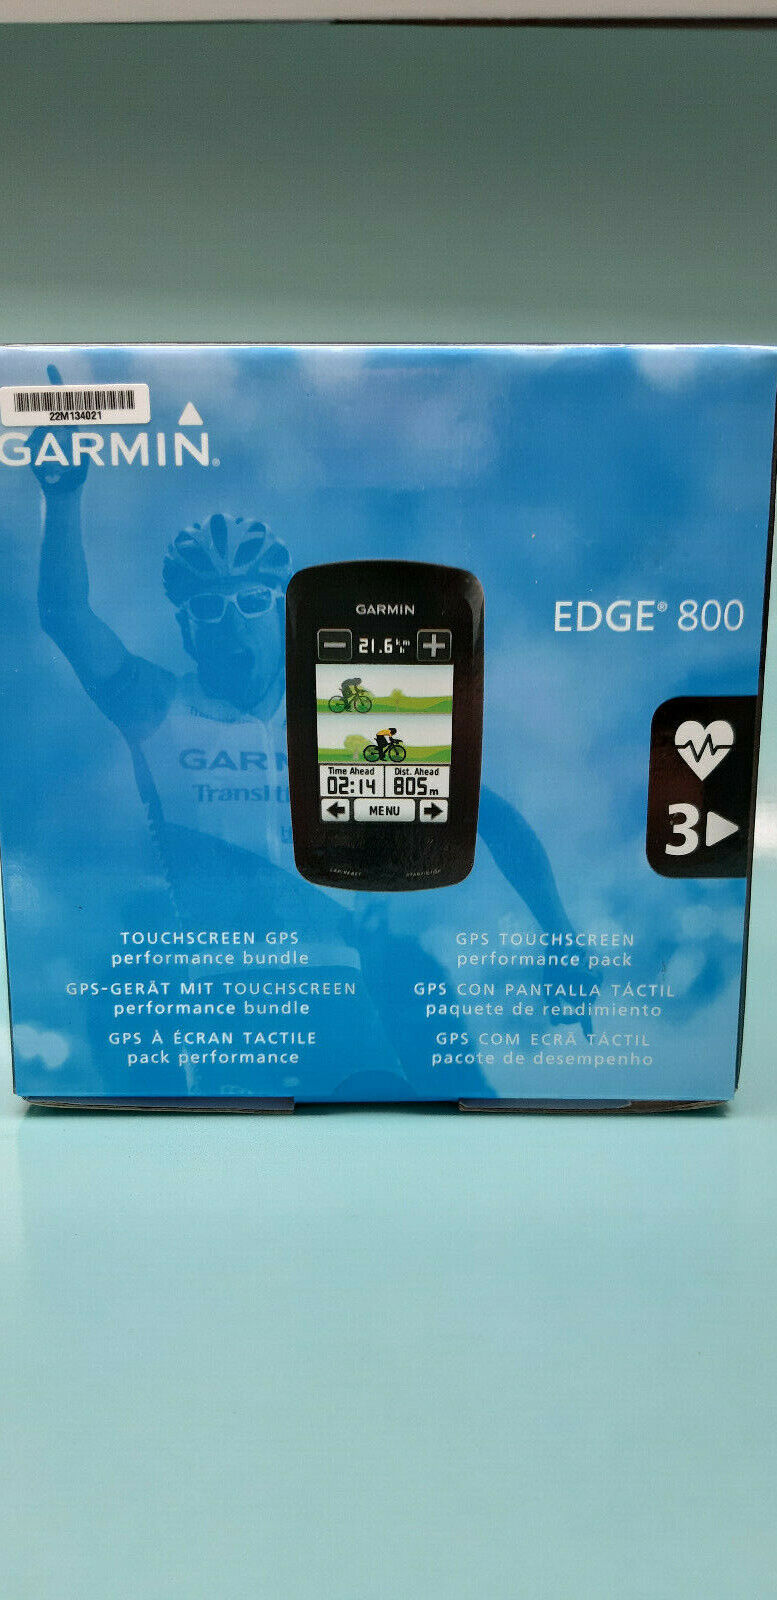 GARMIN Edge 800 GPS-Gerät mit Touchsreen + Zubehör gebraucht!!!